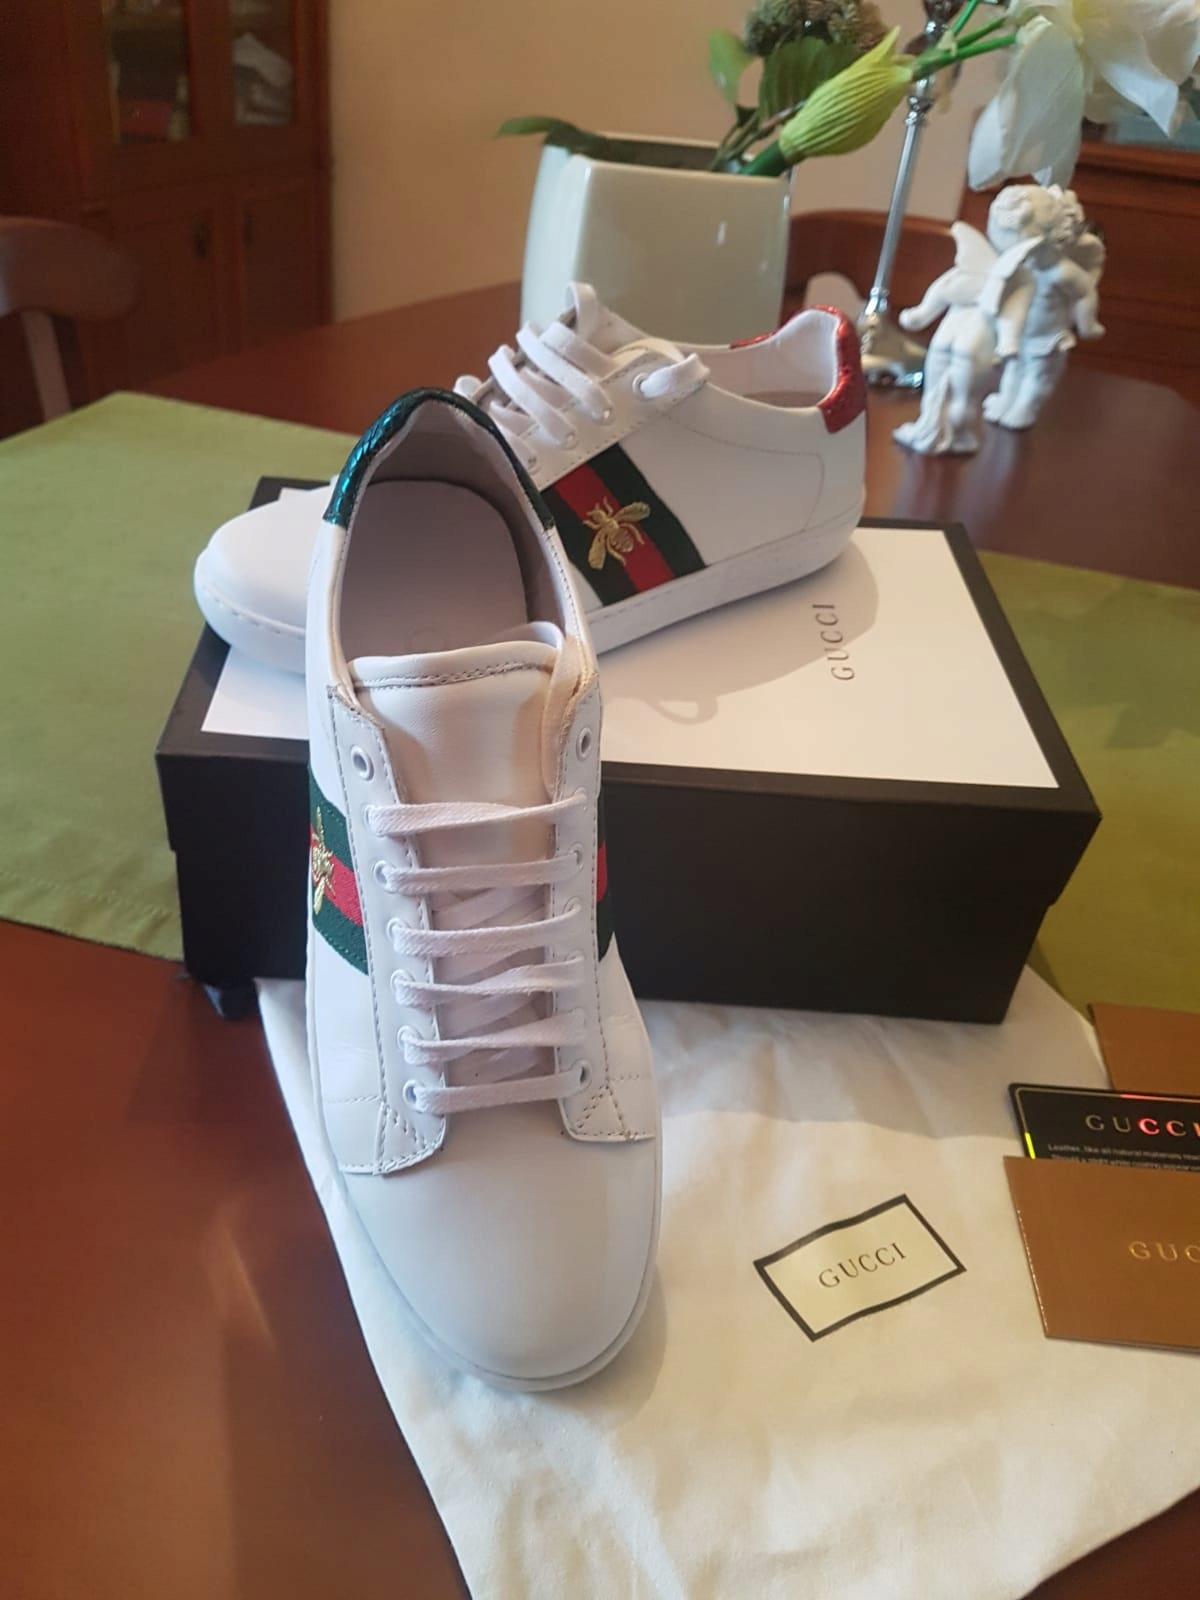 392bdfb7d3292 Na sprzedaż buty trampki Gucci Ace sneakers - 7679037085 - oficjalne ...